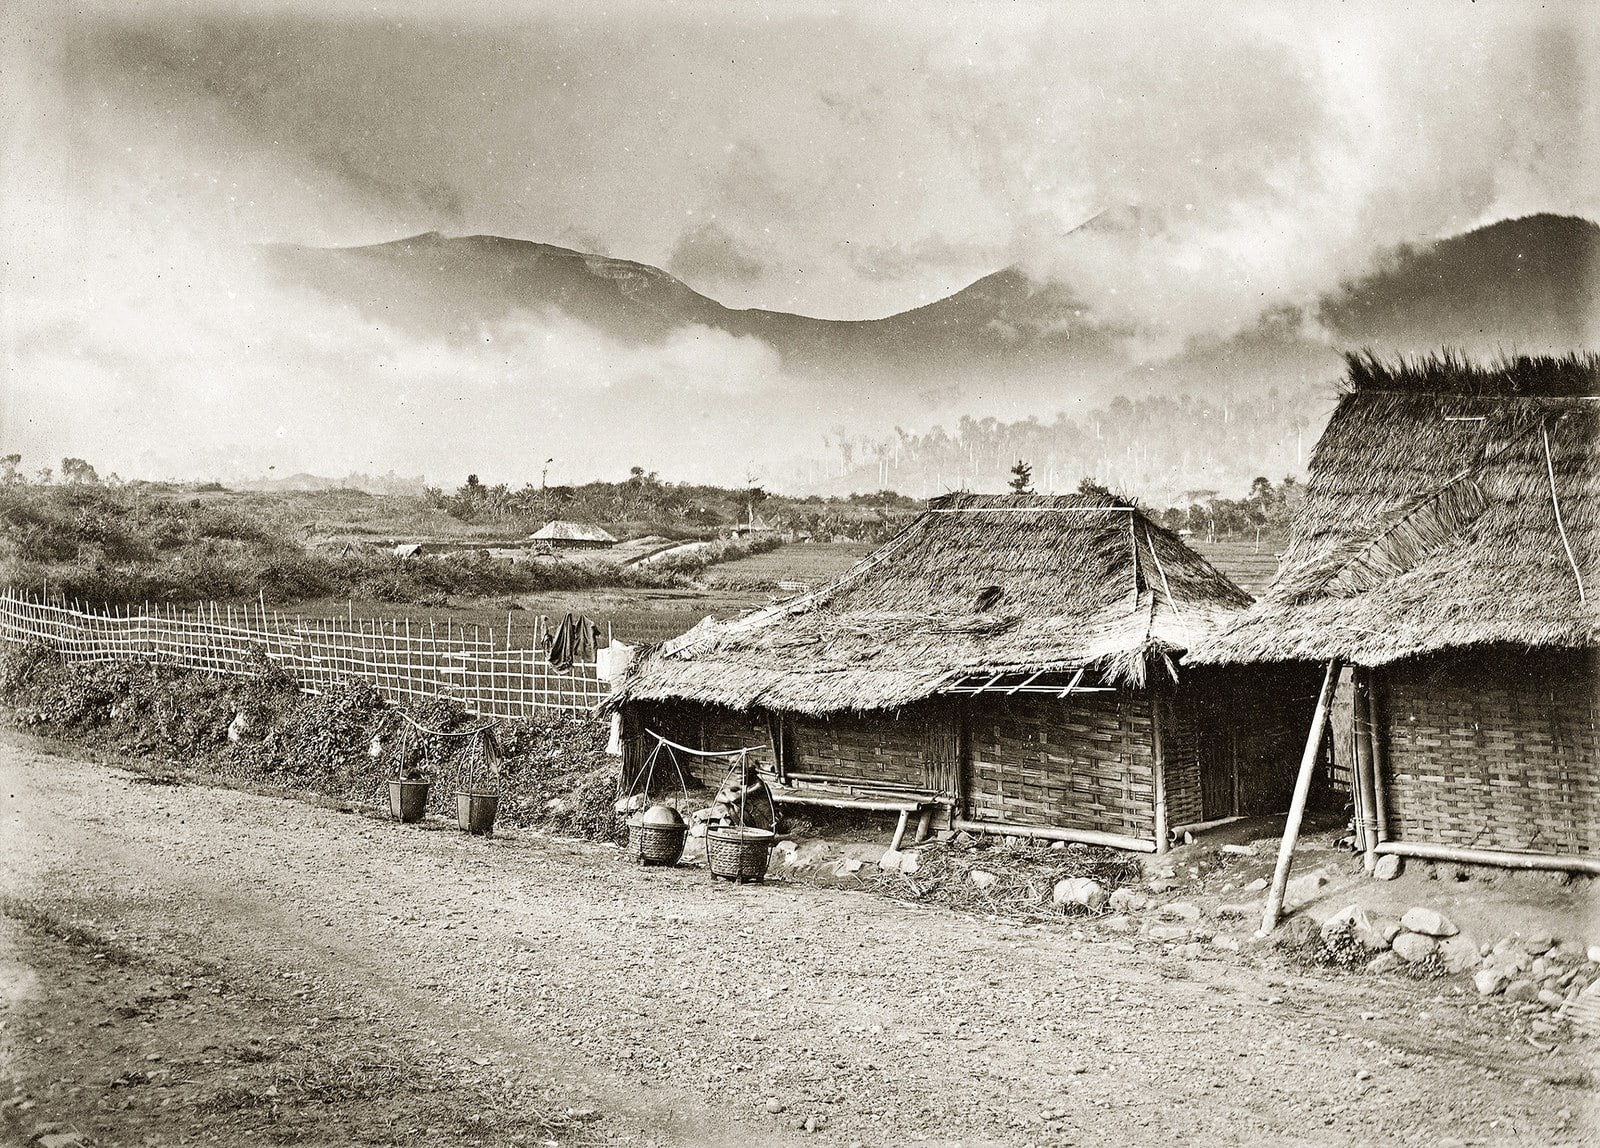 Những bức ảnh ghi lại kỷ niệm chung của nhân loại: diện mạo của thế giới vào 100 năm về trước - Ảnh 6.